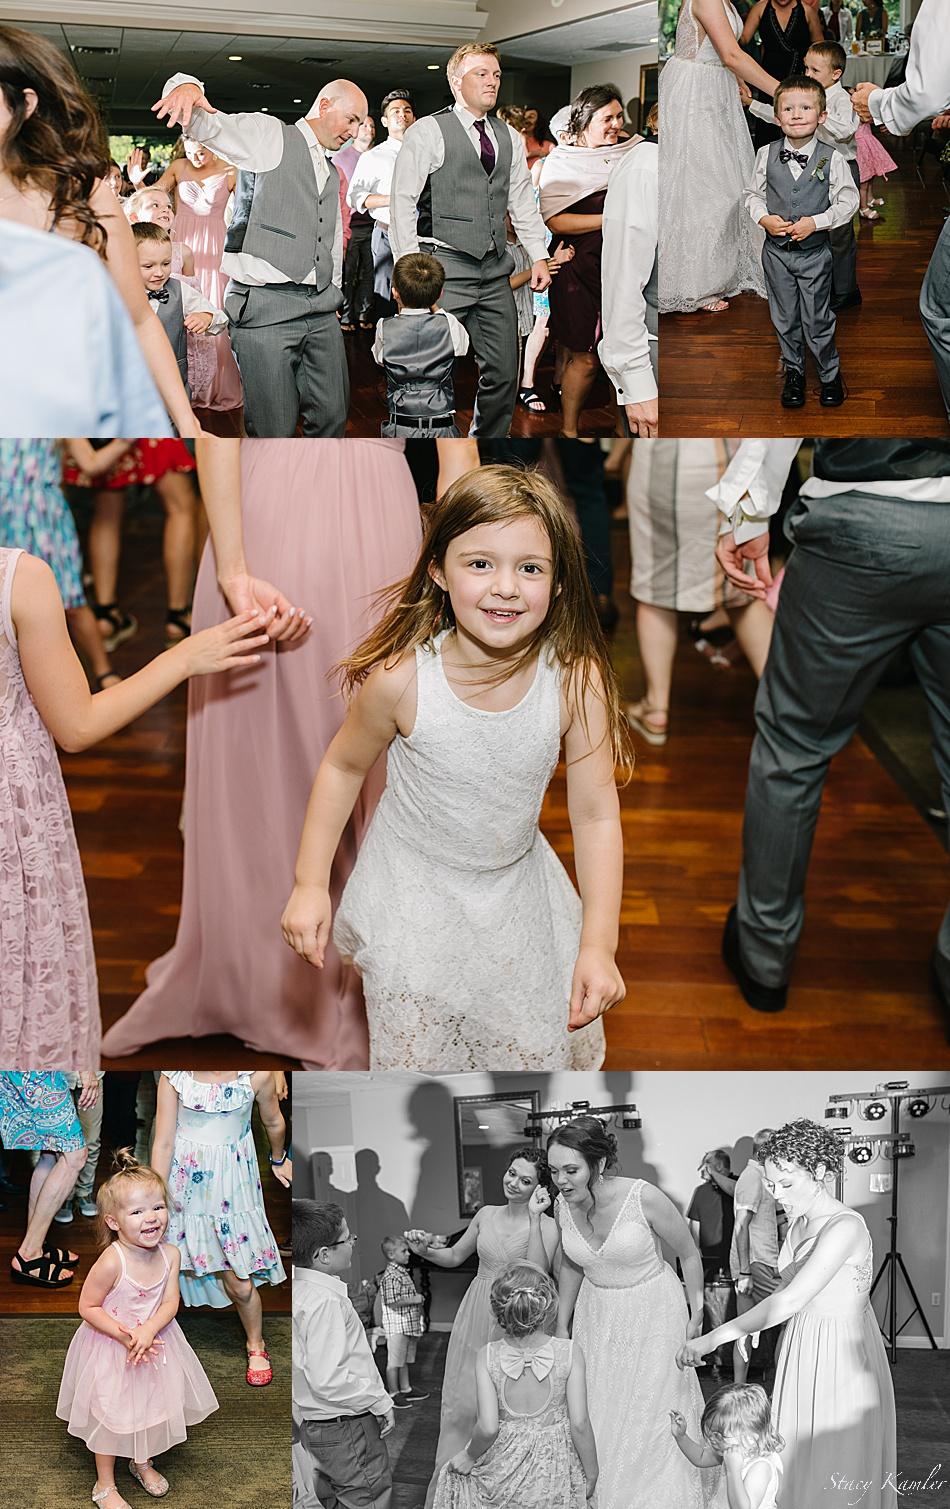 Bridal Party dancing at Reception